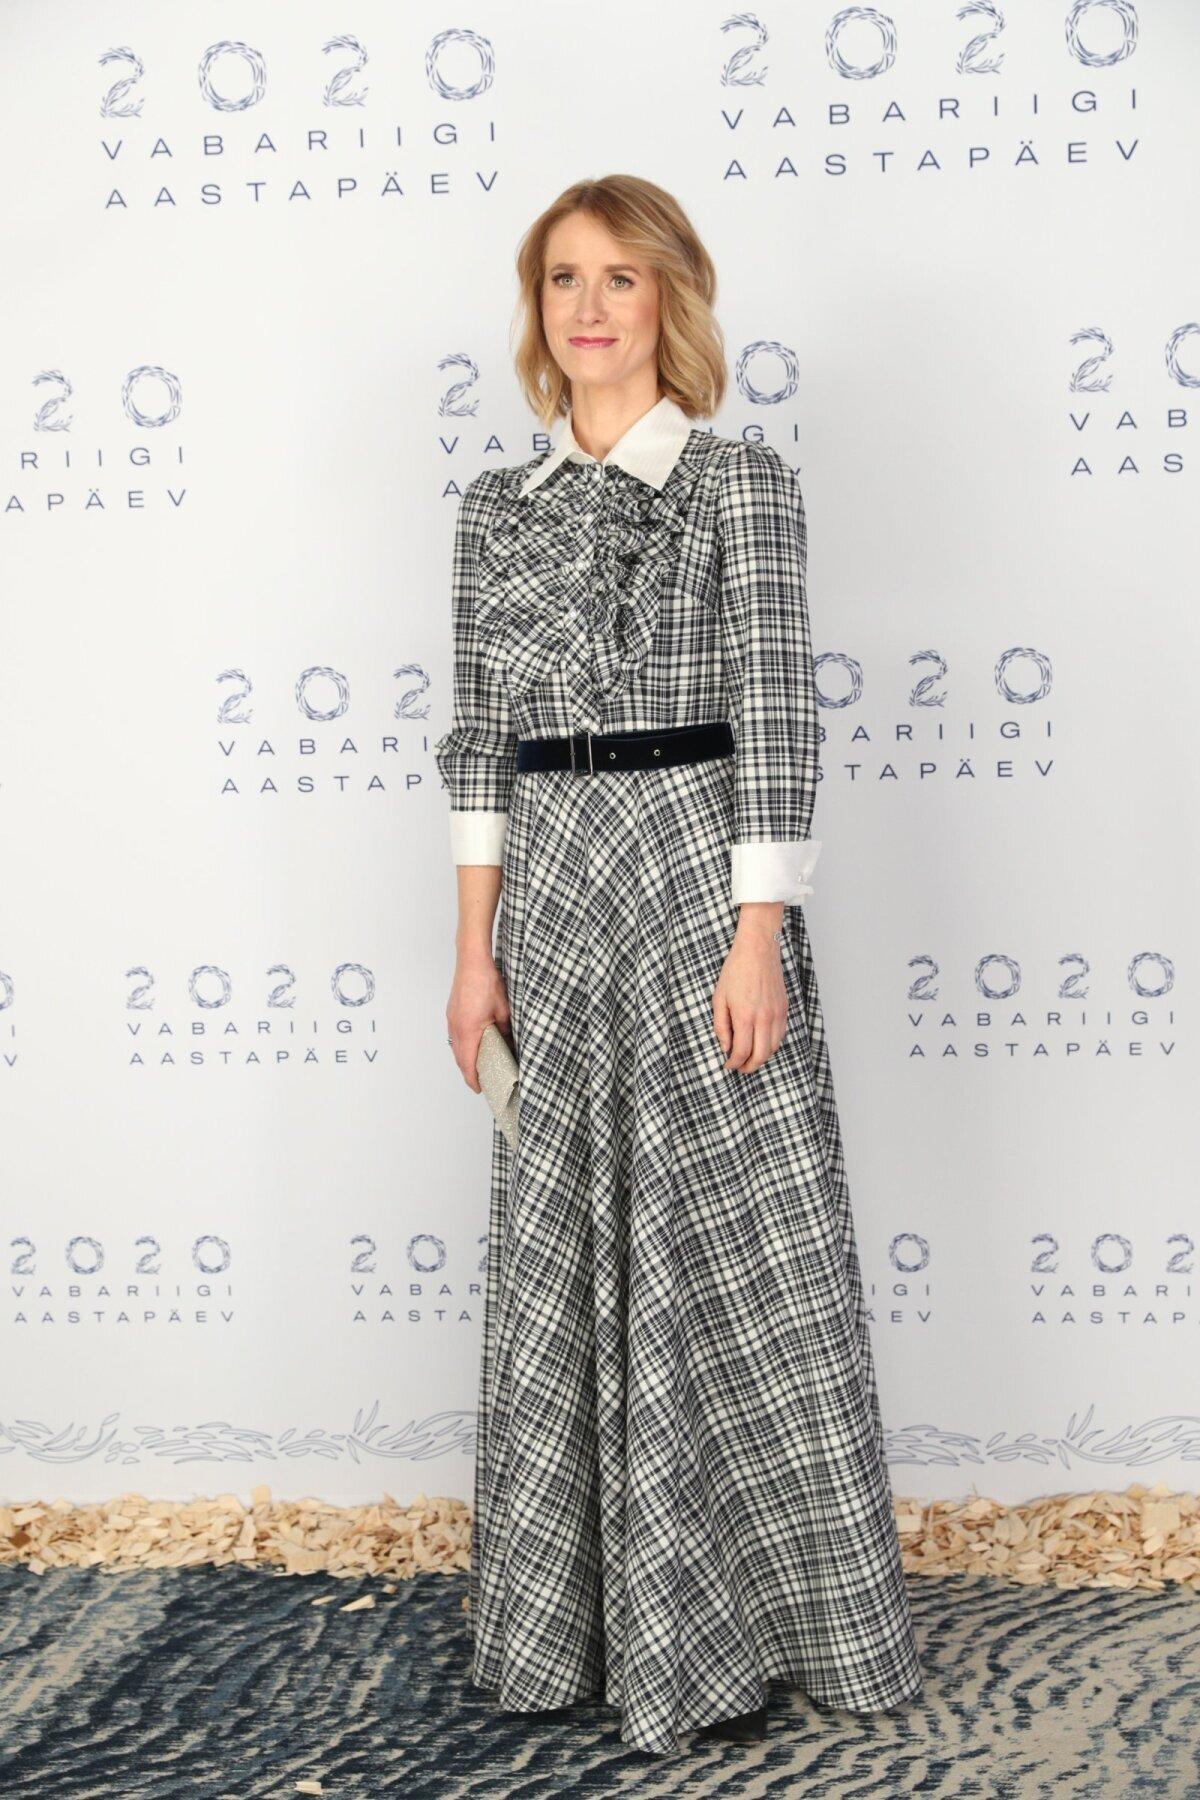 Кая Каллас в платье от дизайнера Оксаны Тандит на преме EV102. Платье затем было трансформировано в более повседневный вариант: его укоротили и заменили манжеты